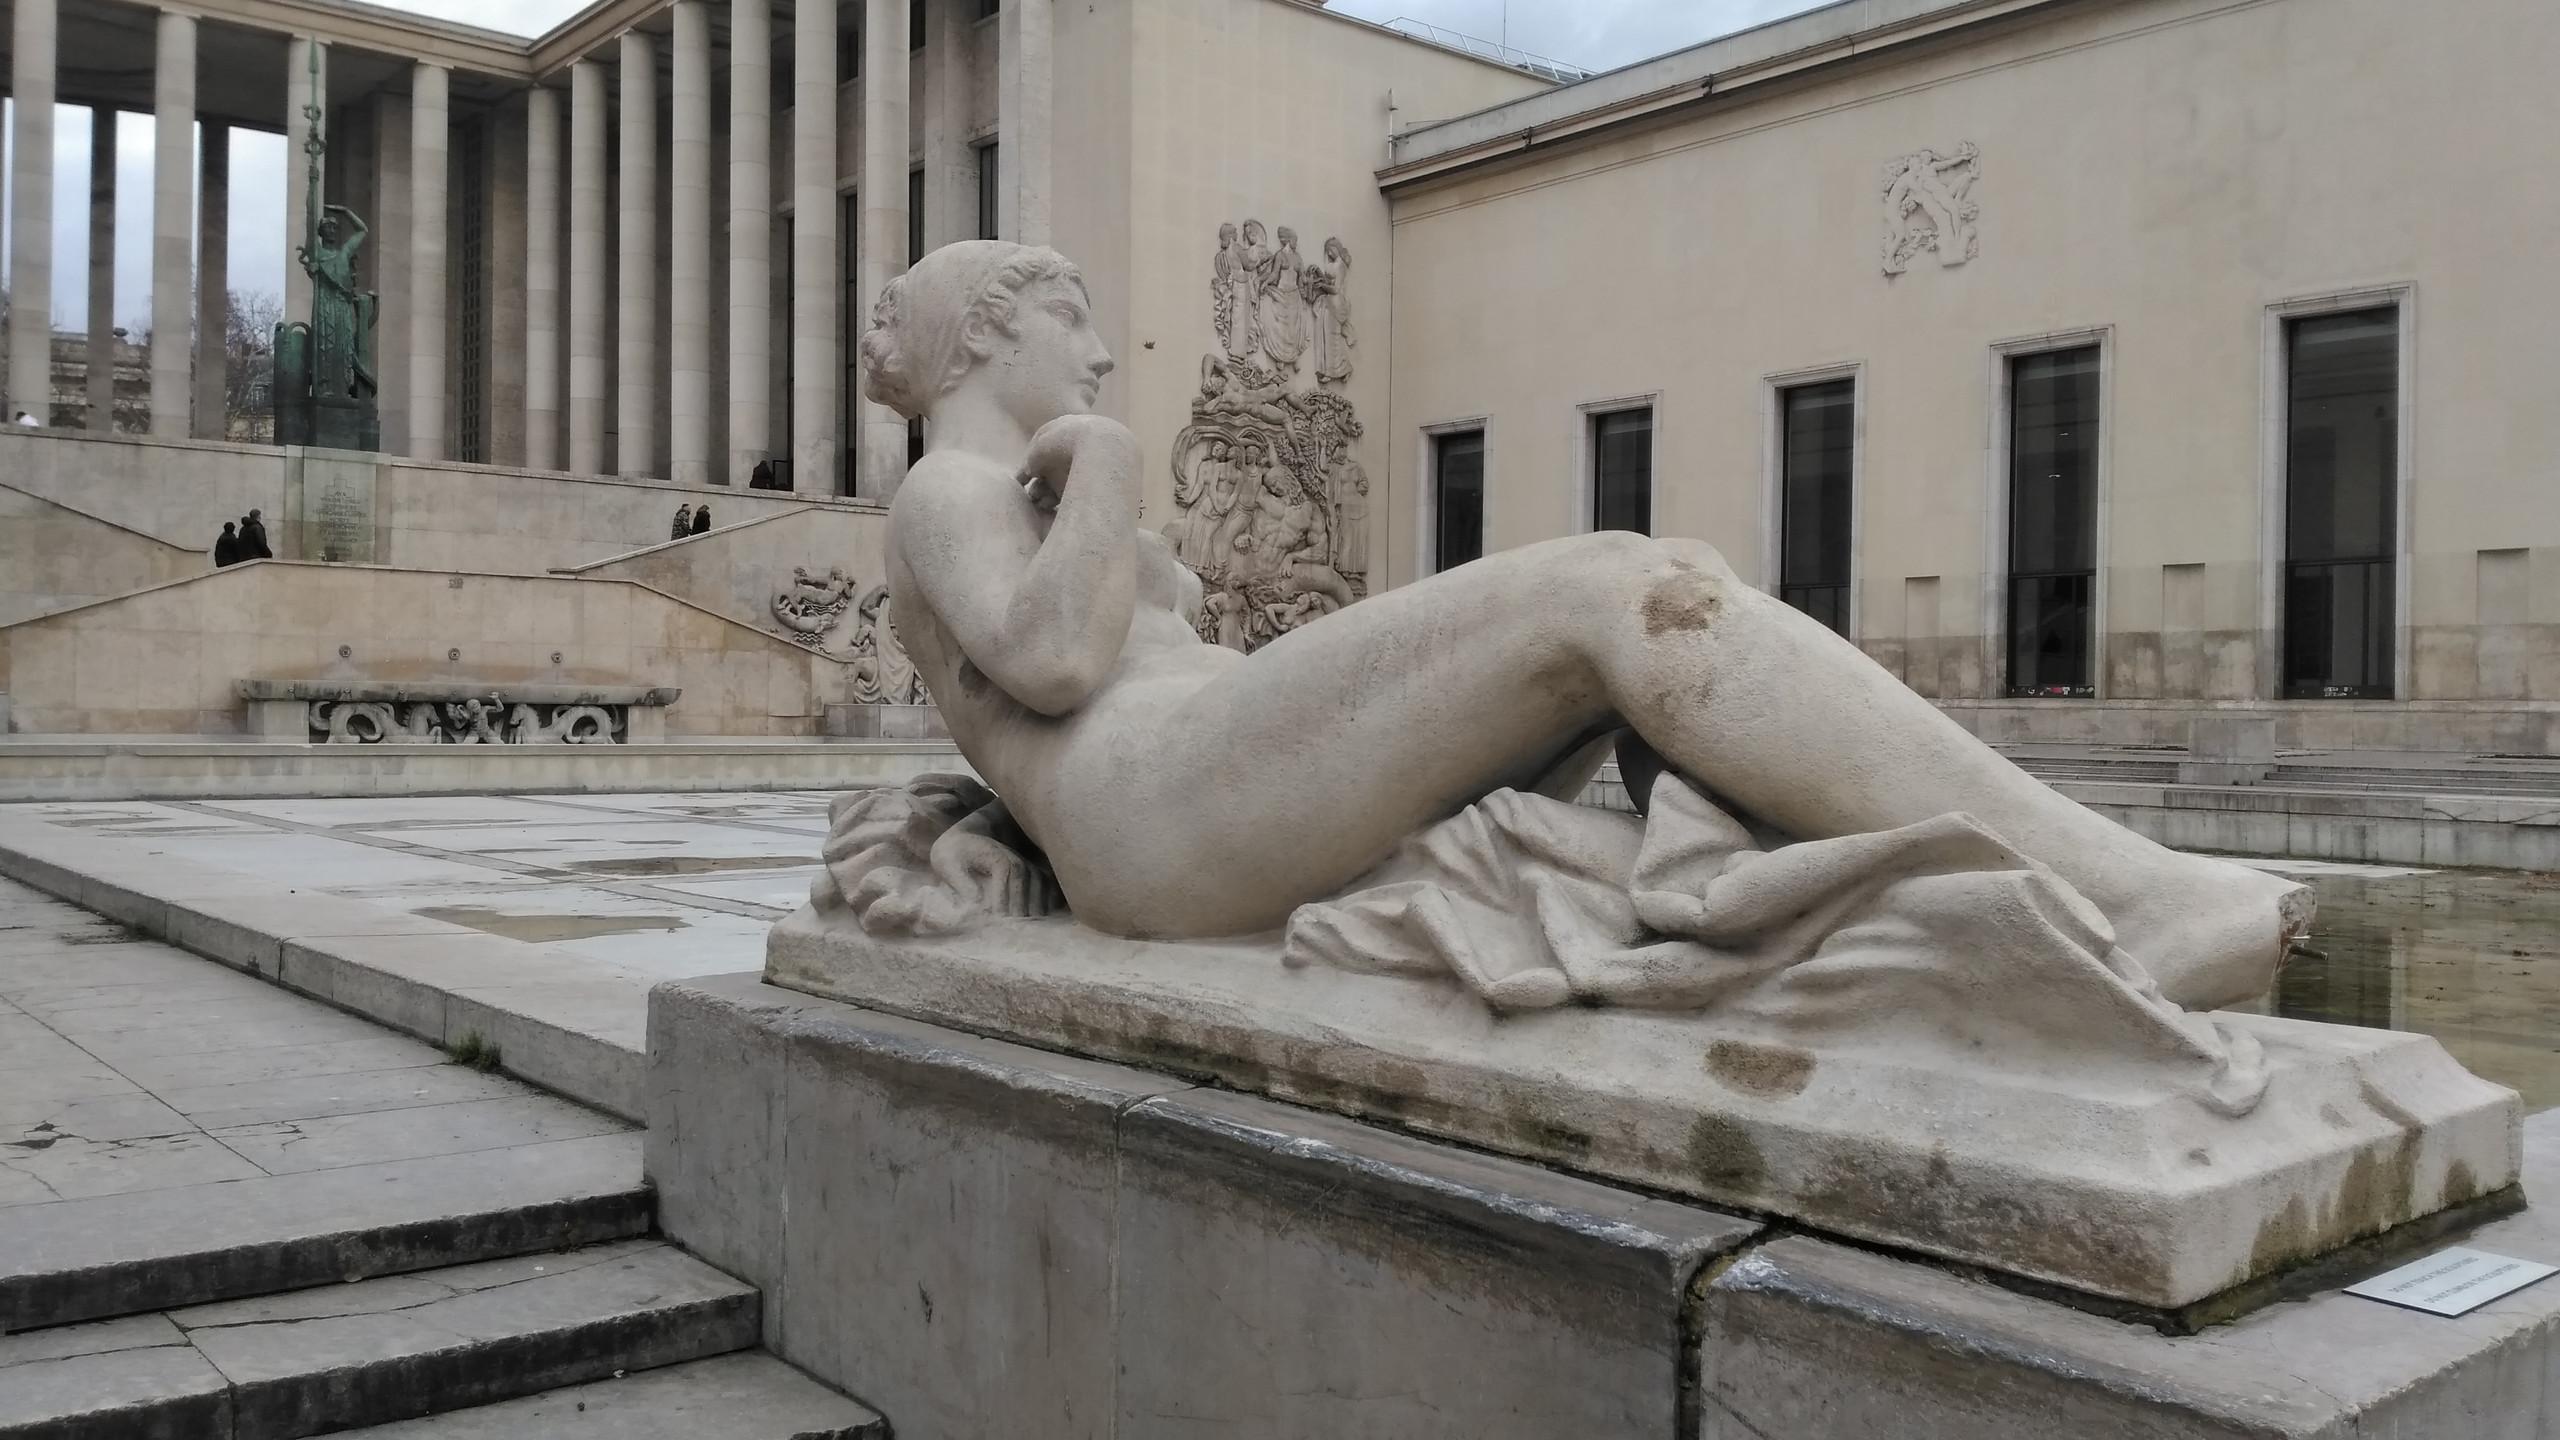 Nymph Sculpture